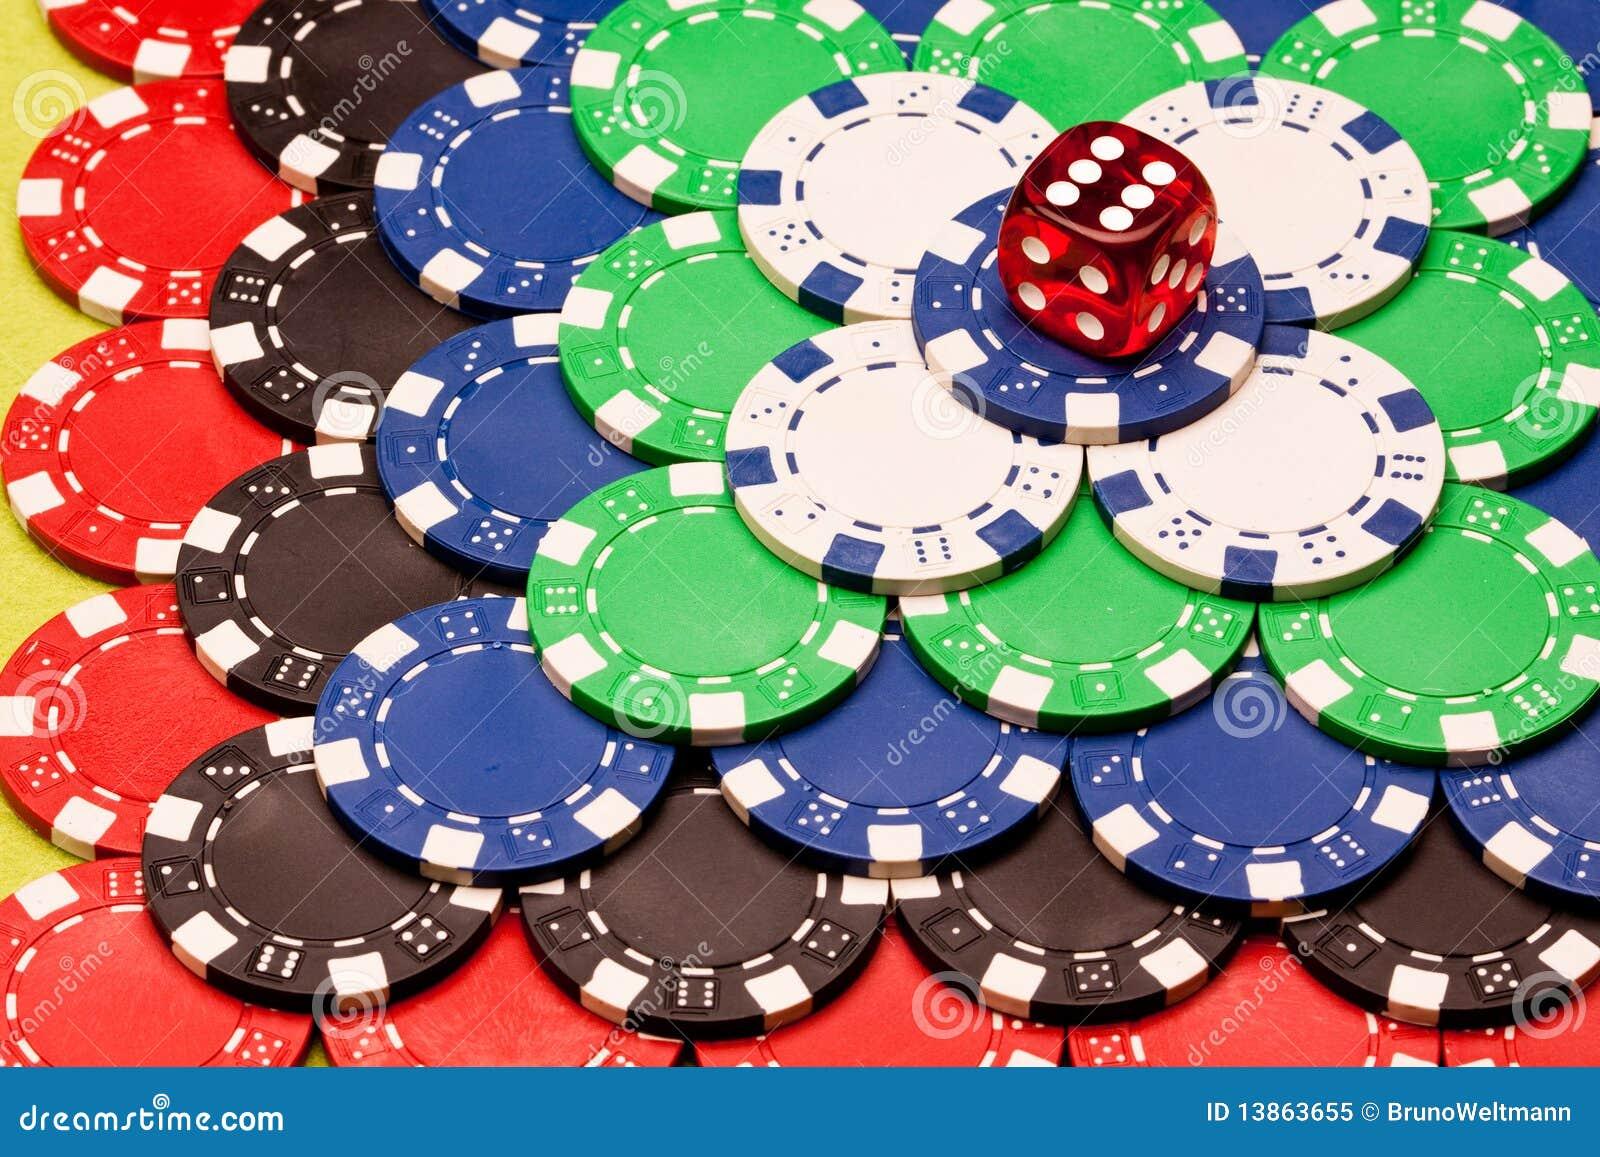 Jupiters casino transfer